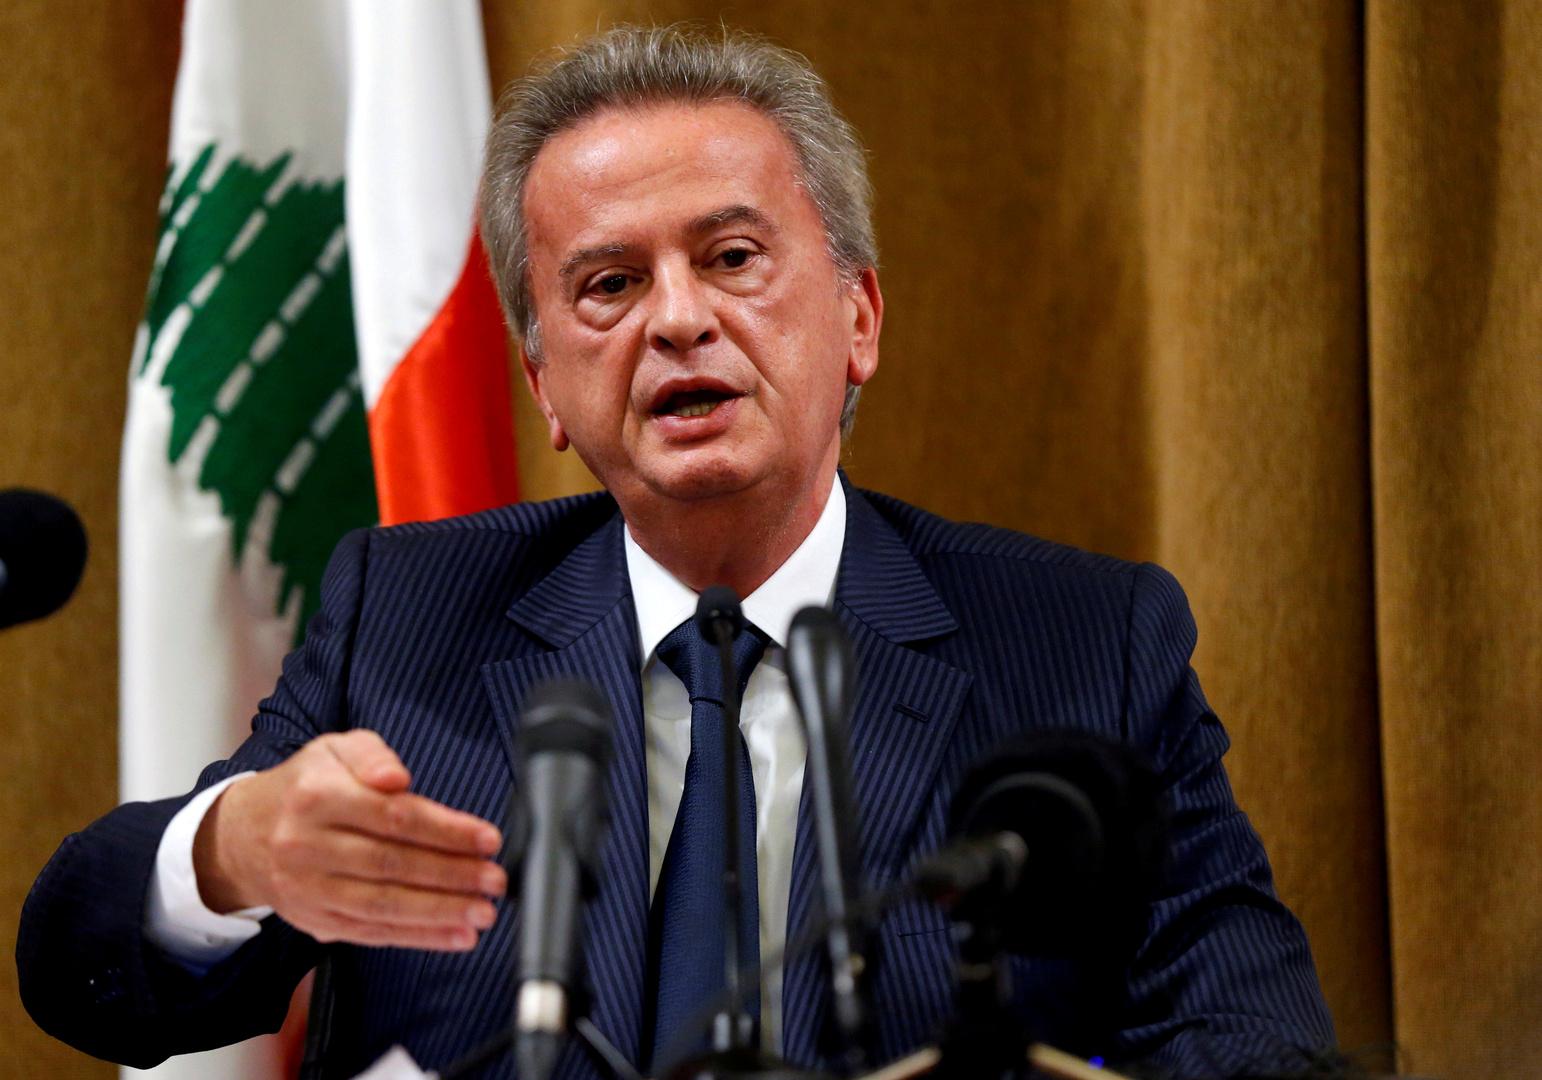 الاستماع إلى حاكم مصرف لبنان بناء على طلب سويسرا في إطار التحقيق في غسل أموال